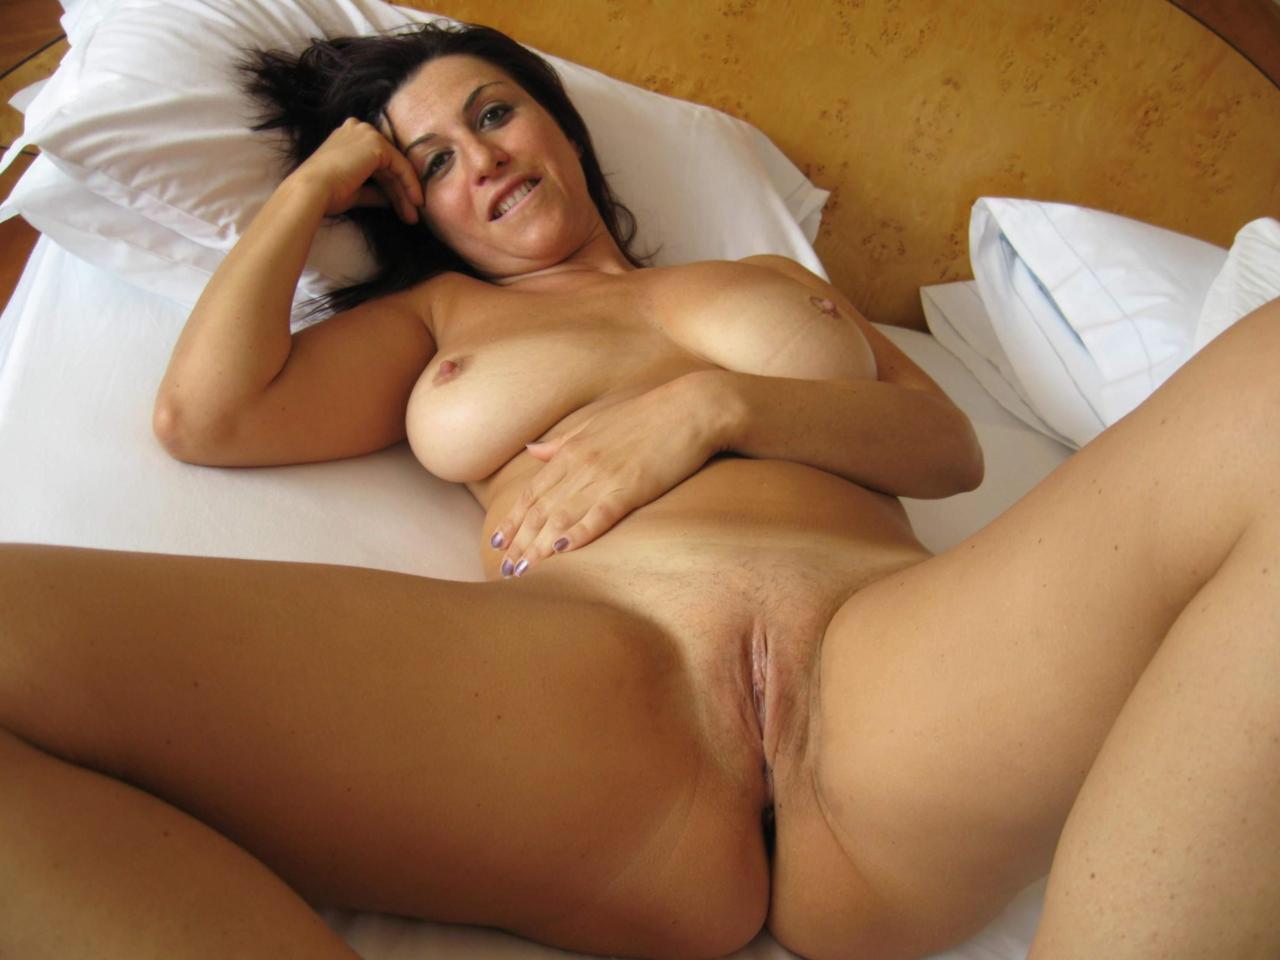 milf-dans-le-22-en-photo-sexe-pour-plan-sperme